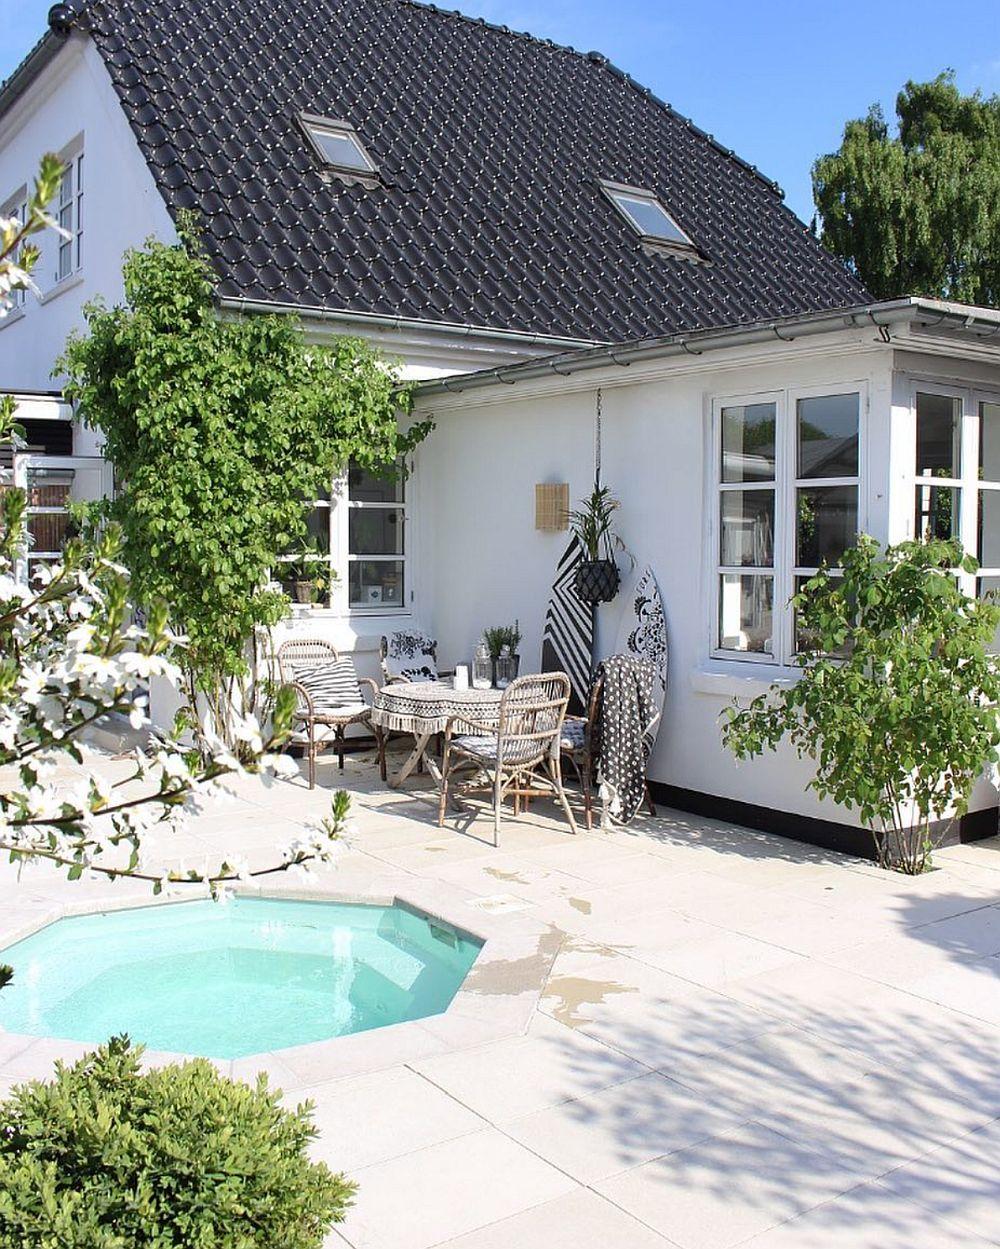 adelaparvu.com despre terasa in stil Nordic Boho, designer si foto Kristen Skovbon (1)